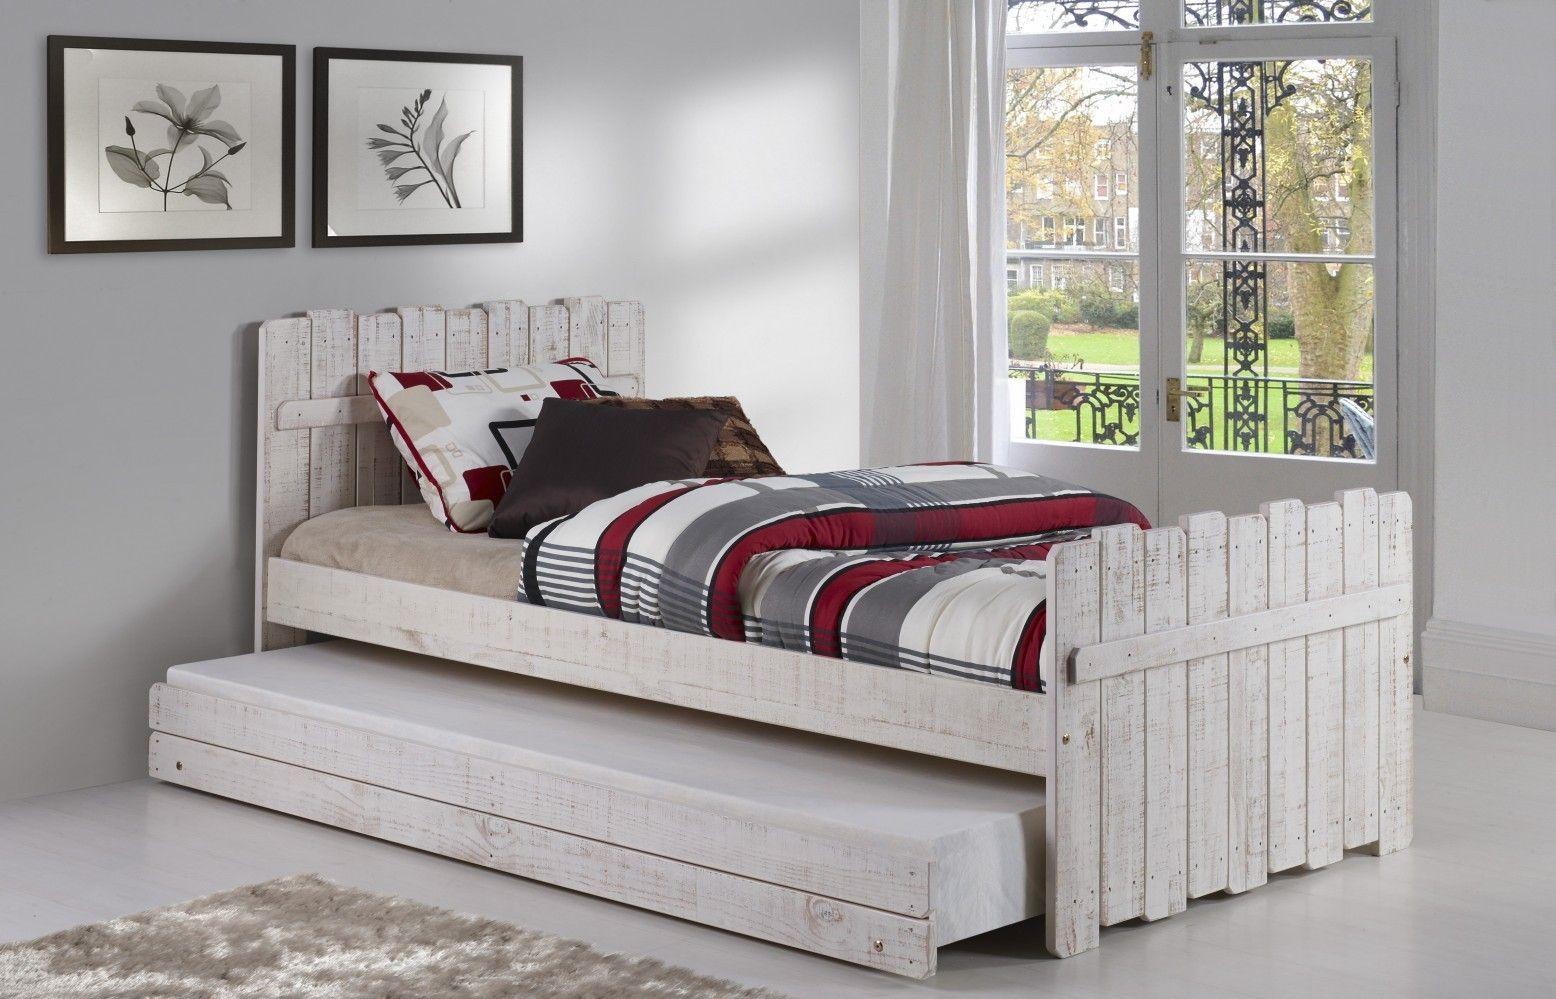 Weißes Einzelbett Mit Ausziehbarem Bett, Einzelbett